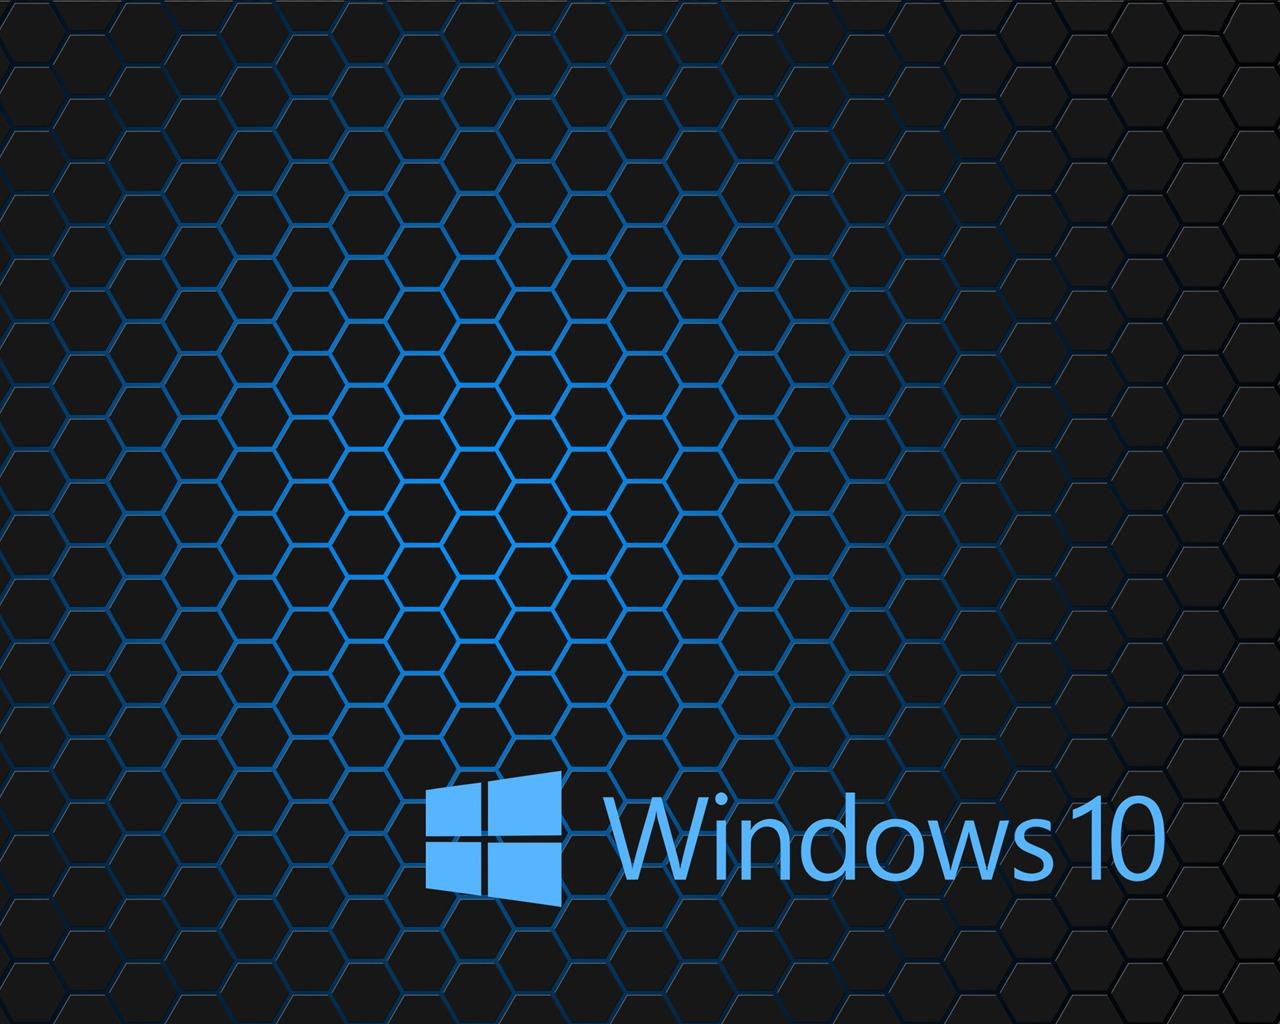 Windows 10 Hd Theme Fond D 233 Cran Aper 231 U 10wallpaper Com